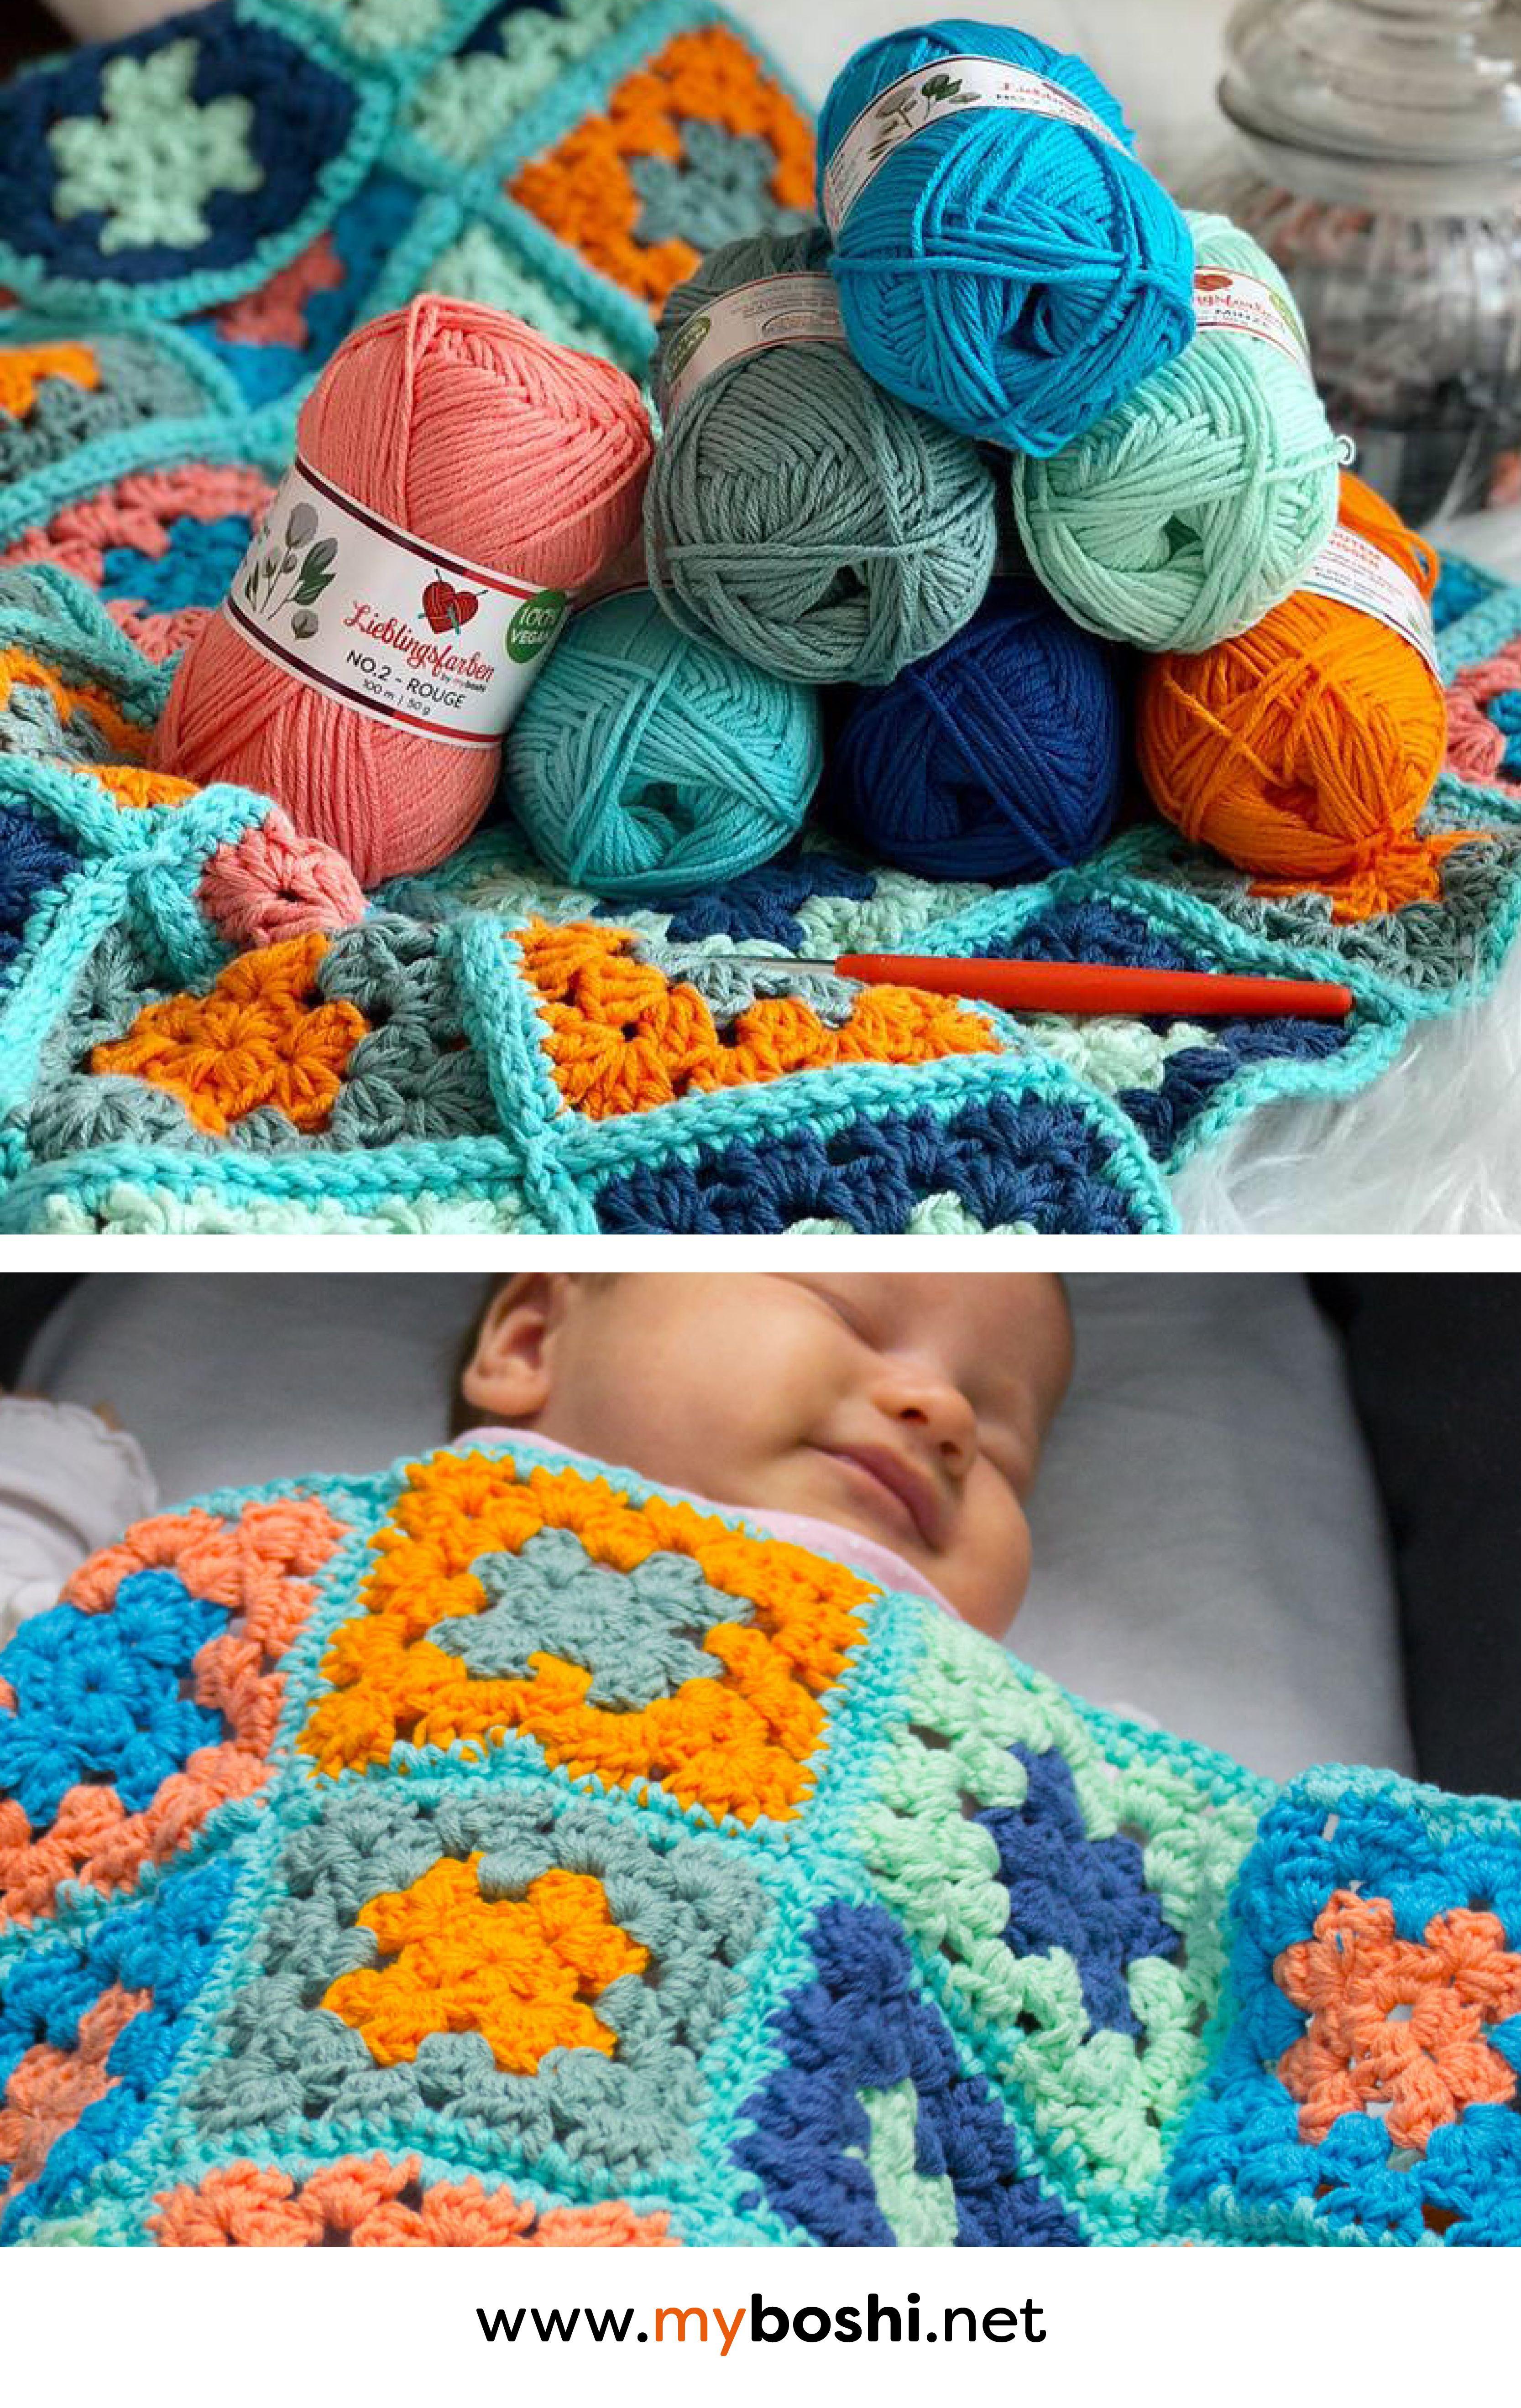 Häkelanleitung für Babydecke Kita | Granny Squares häkeln | Pinterest